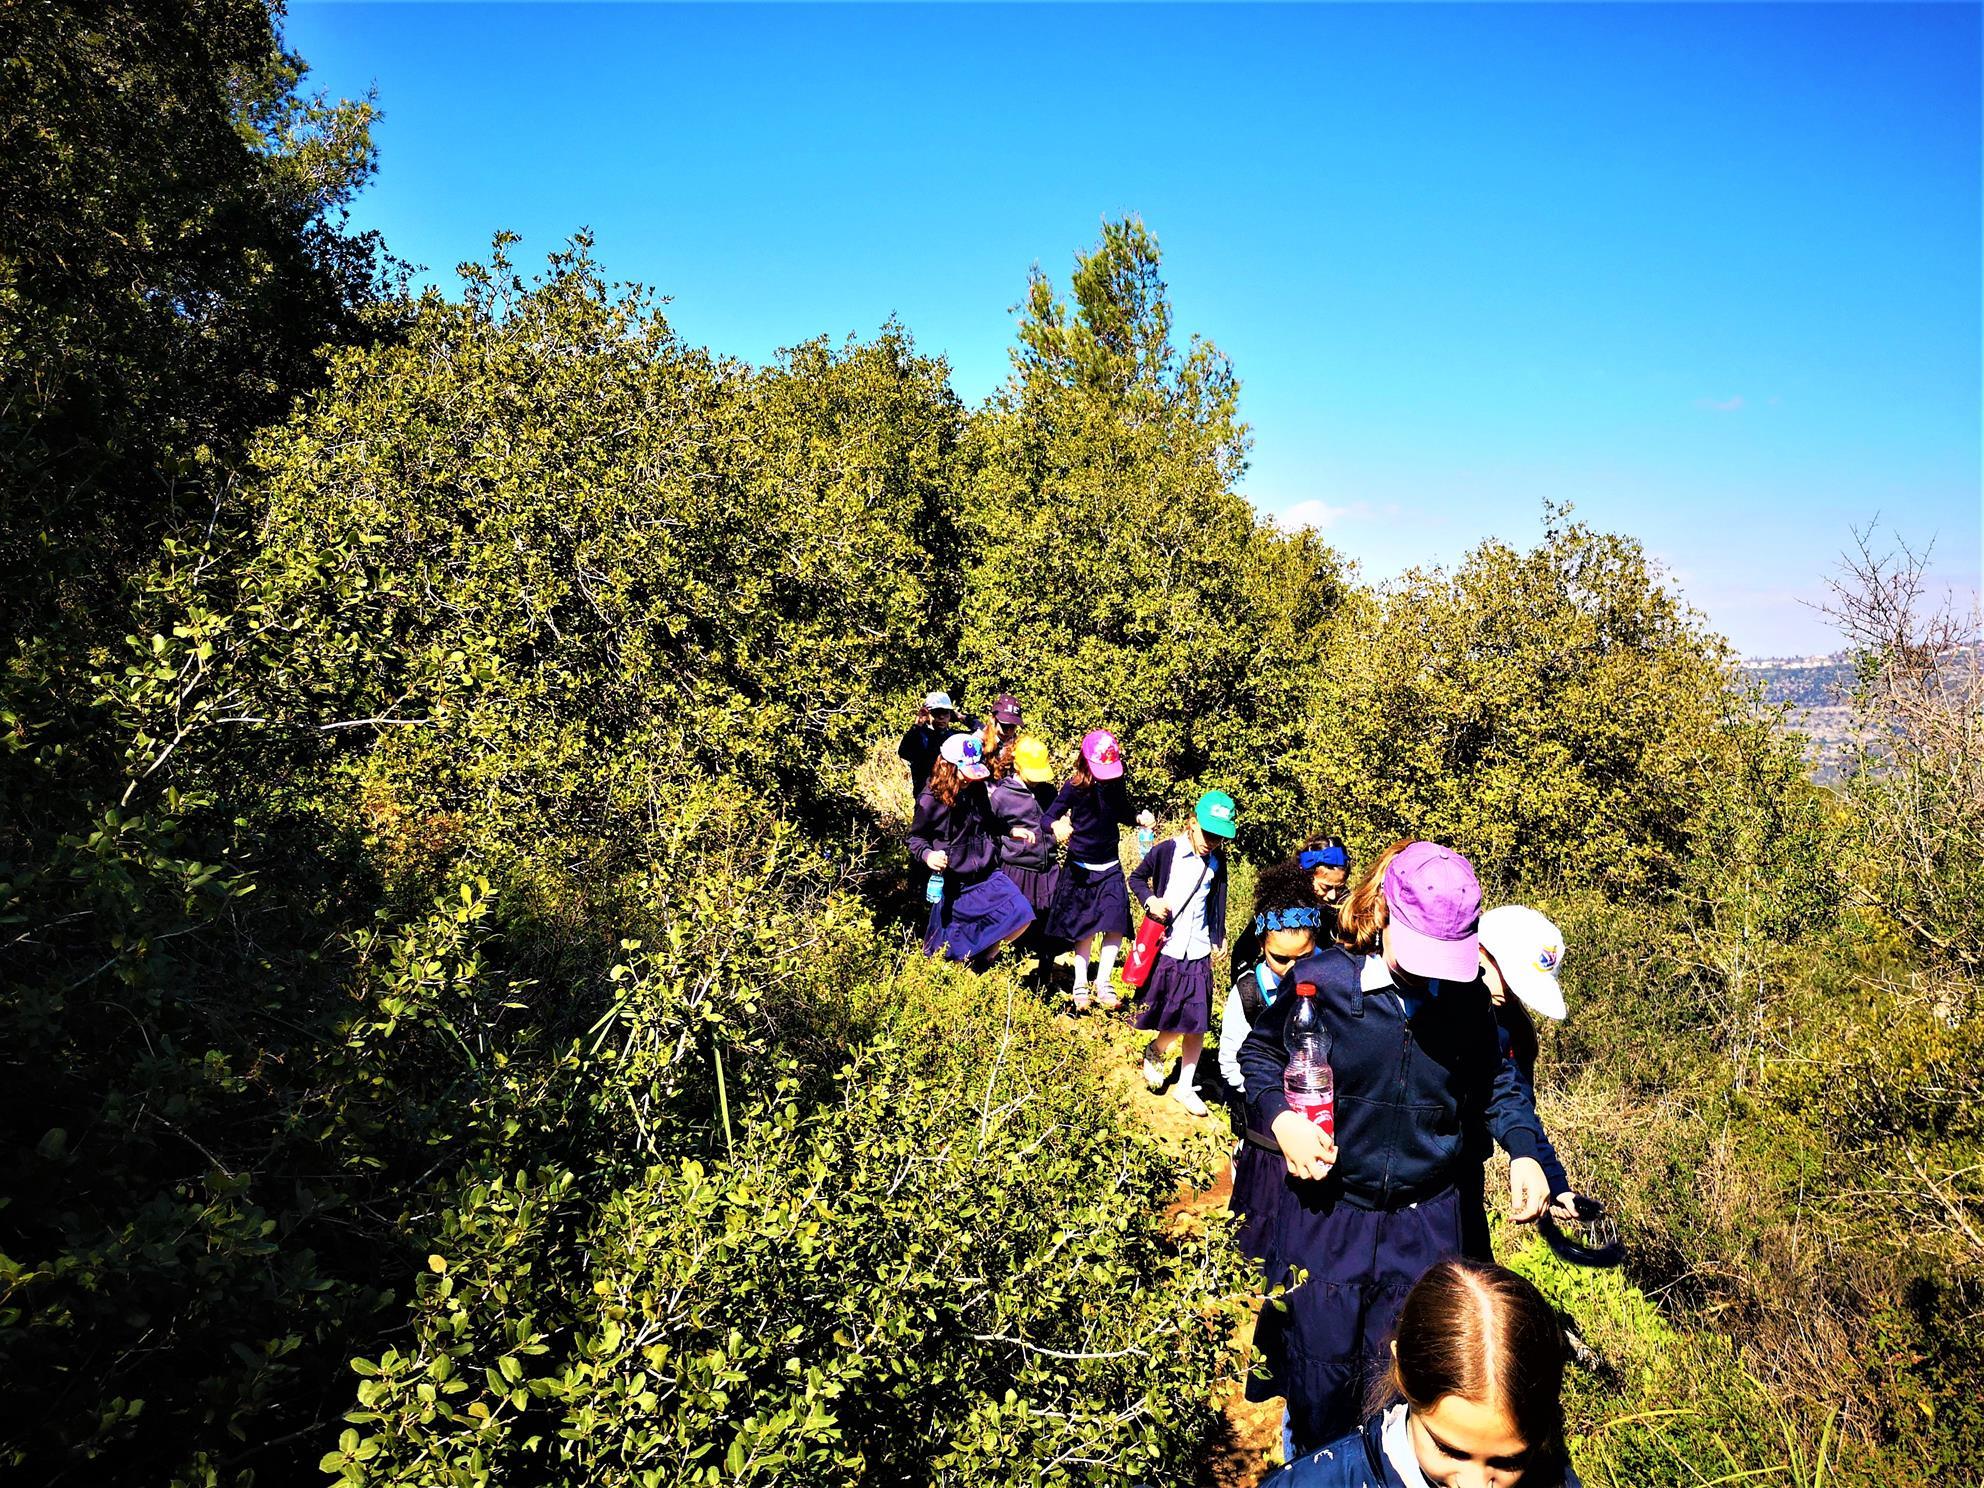 """טיול בית ספר בנות חרדיות לשמירת הטבע, שביל שוסטר, נחל קטלב עליון (ד""""ר ענת אביטל)"""